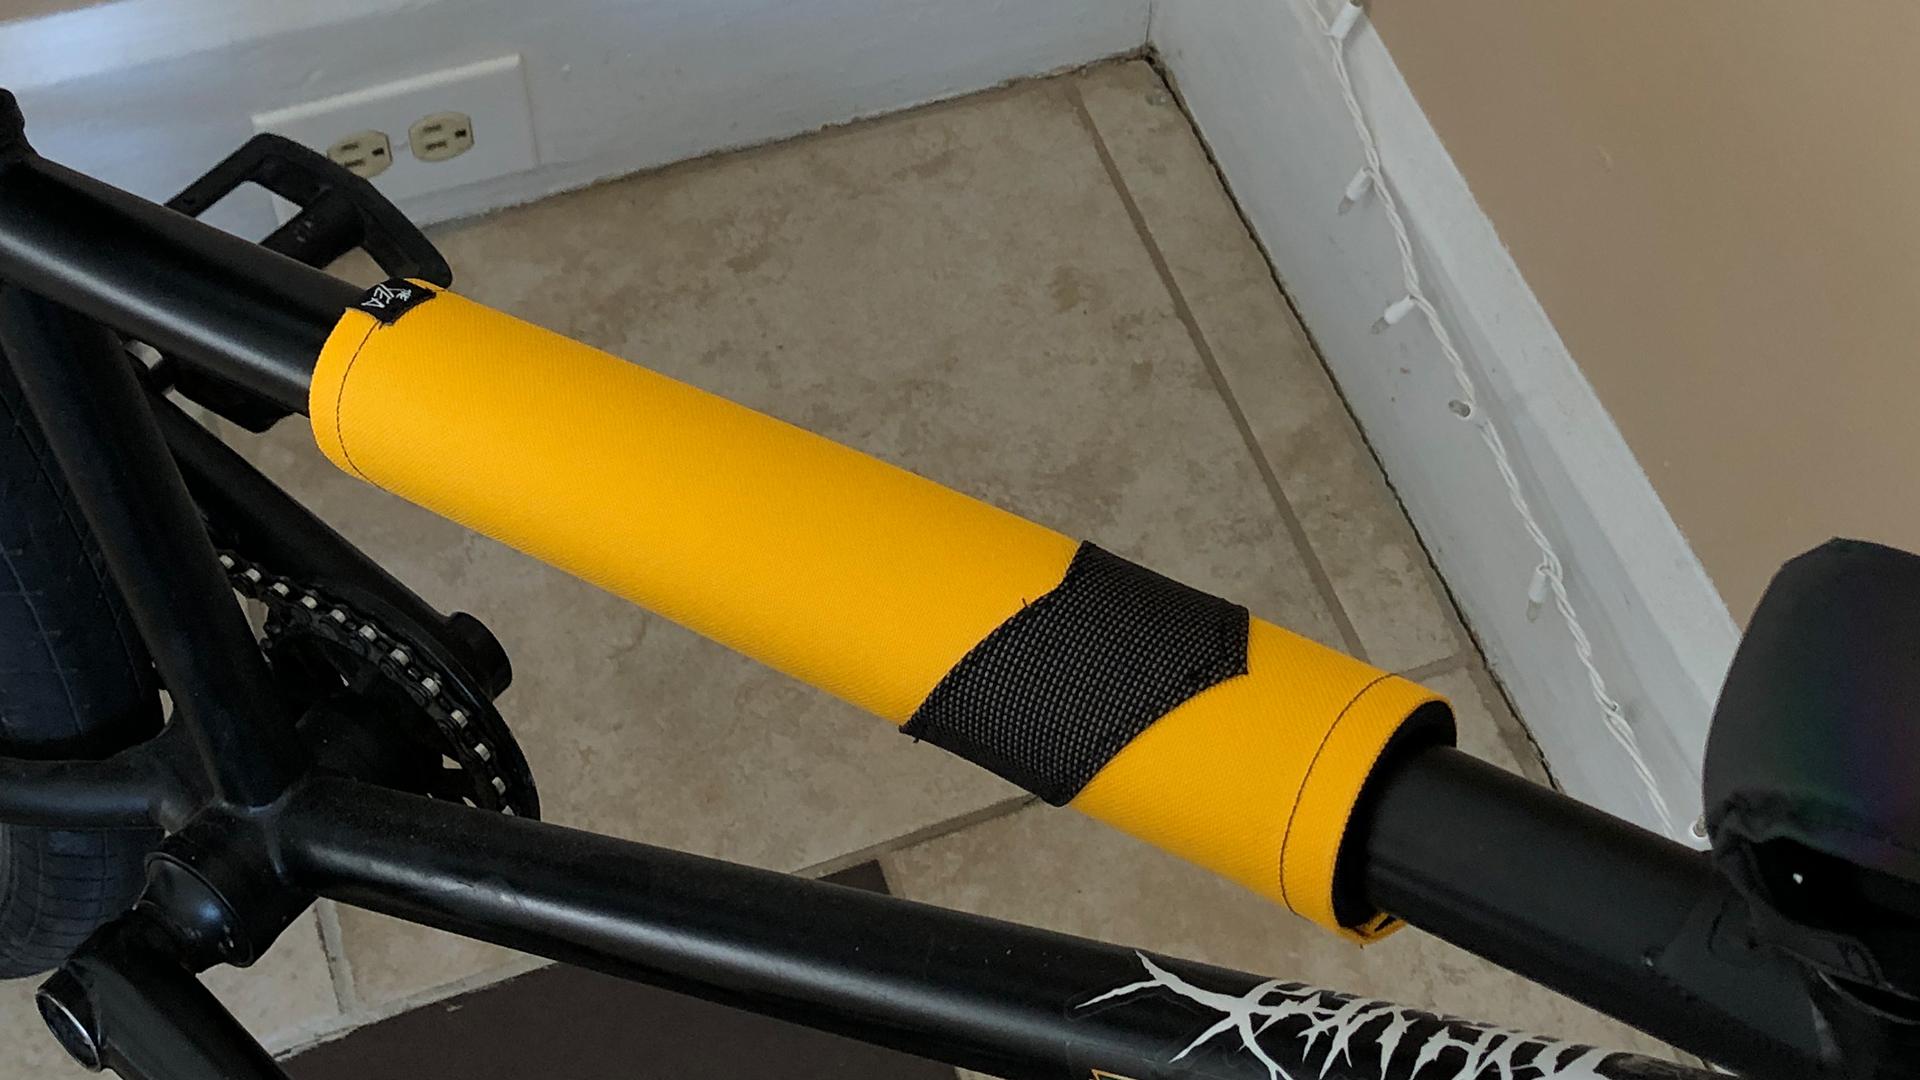 The Yea BMX 1of1 top tube bmx pad